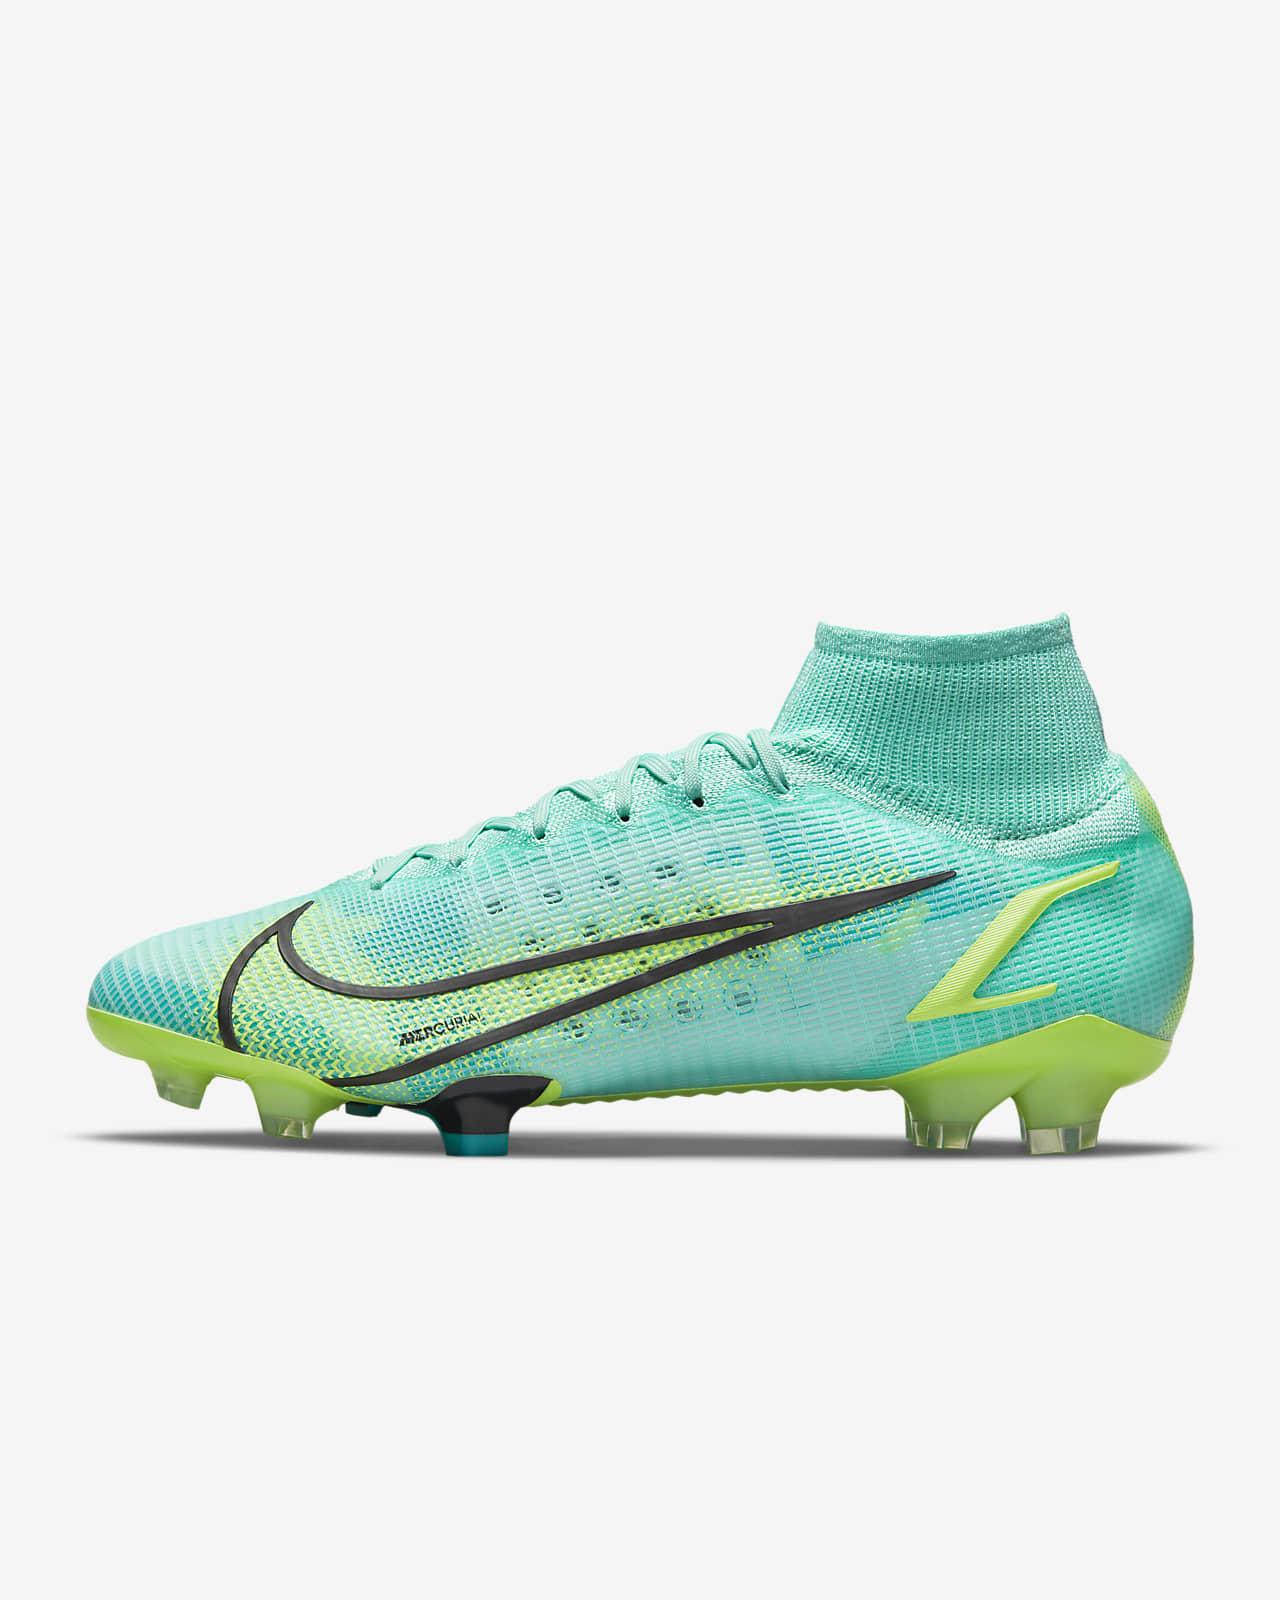 Nike Mercurial Superfly 8 Elite FG 天然偏硬草地足球釘鞋